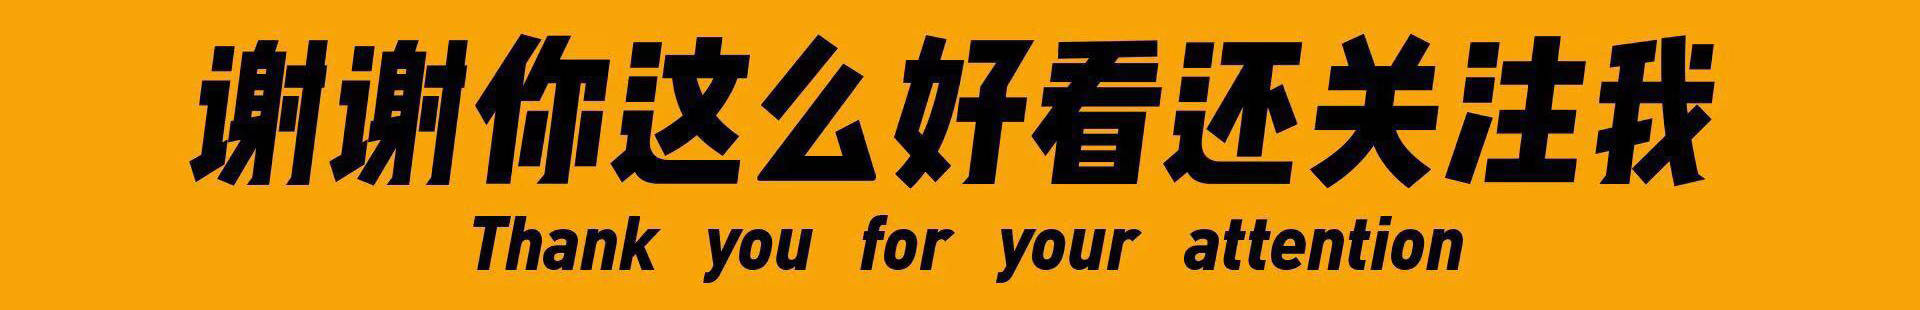 """挑百度?战搜狗?腾讯搞大动作,网友评论""""自相矛盾""""把我逗乐了"""